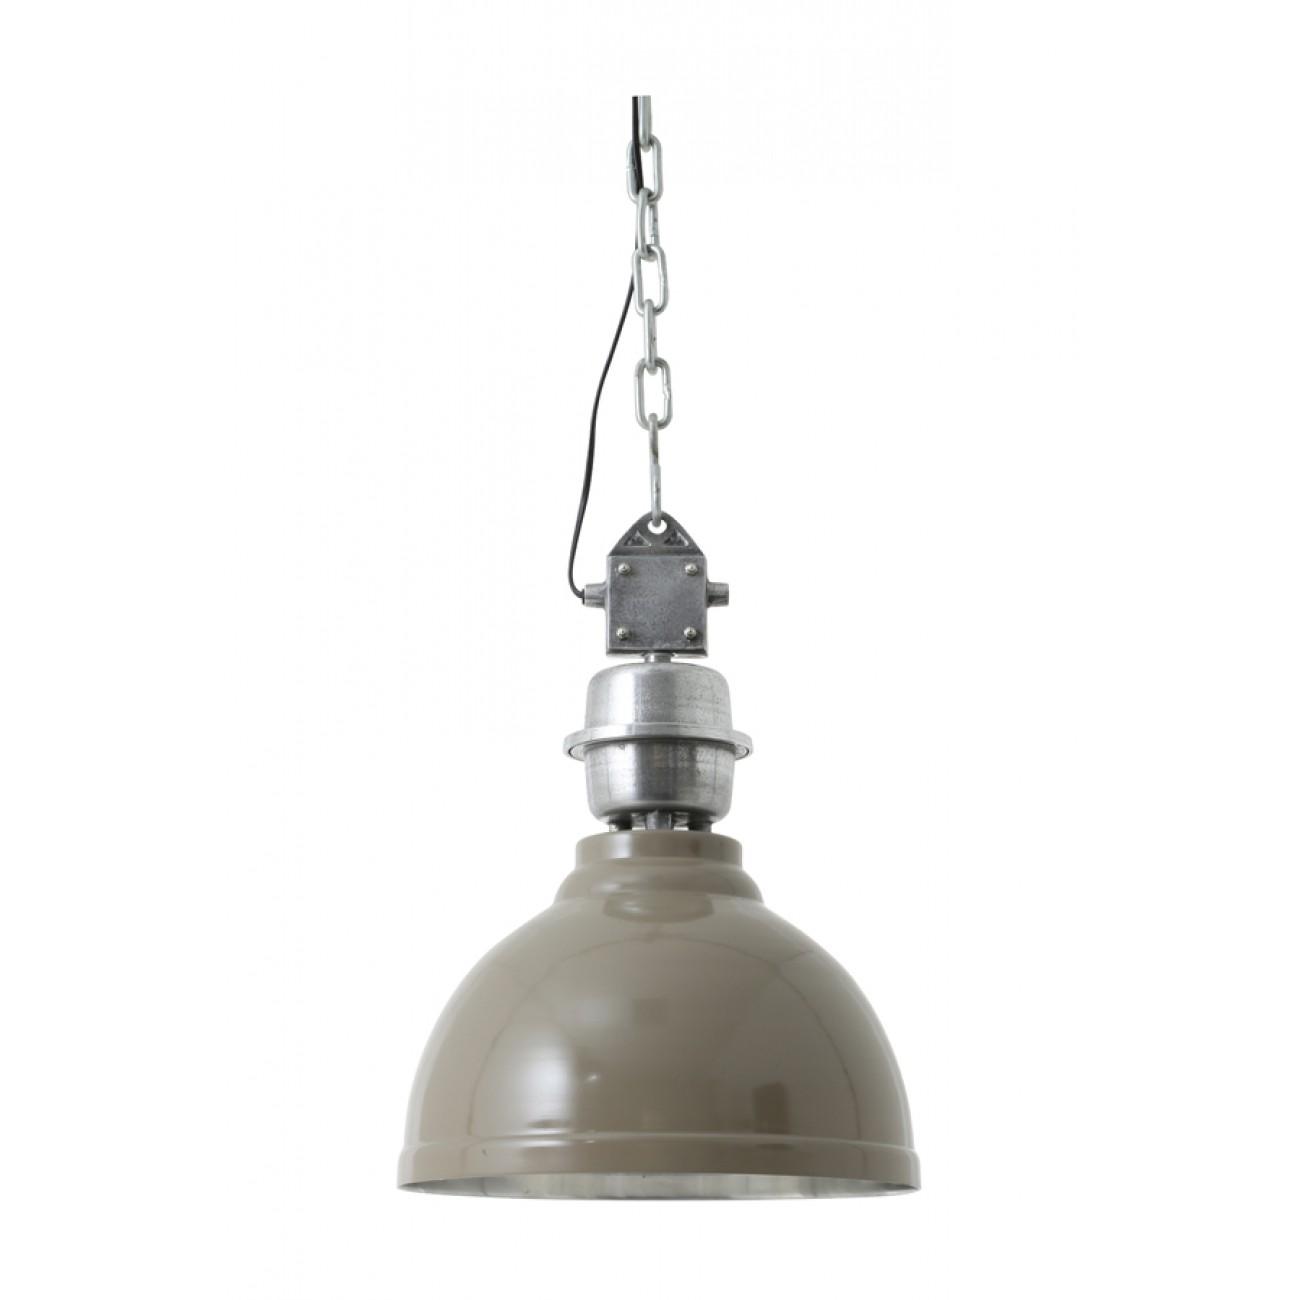 Pendelleuchte grau-taupe im Industriedesign, Hängeleuchte grau, Durchmesser 35 cm